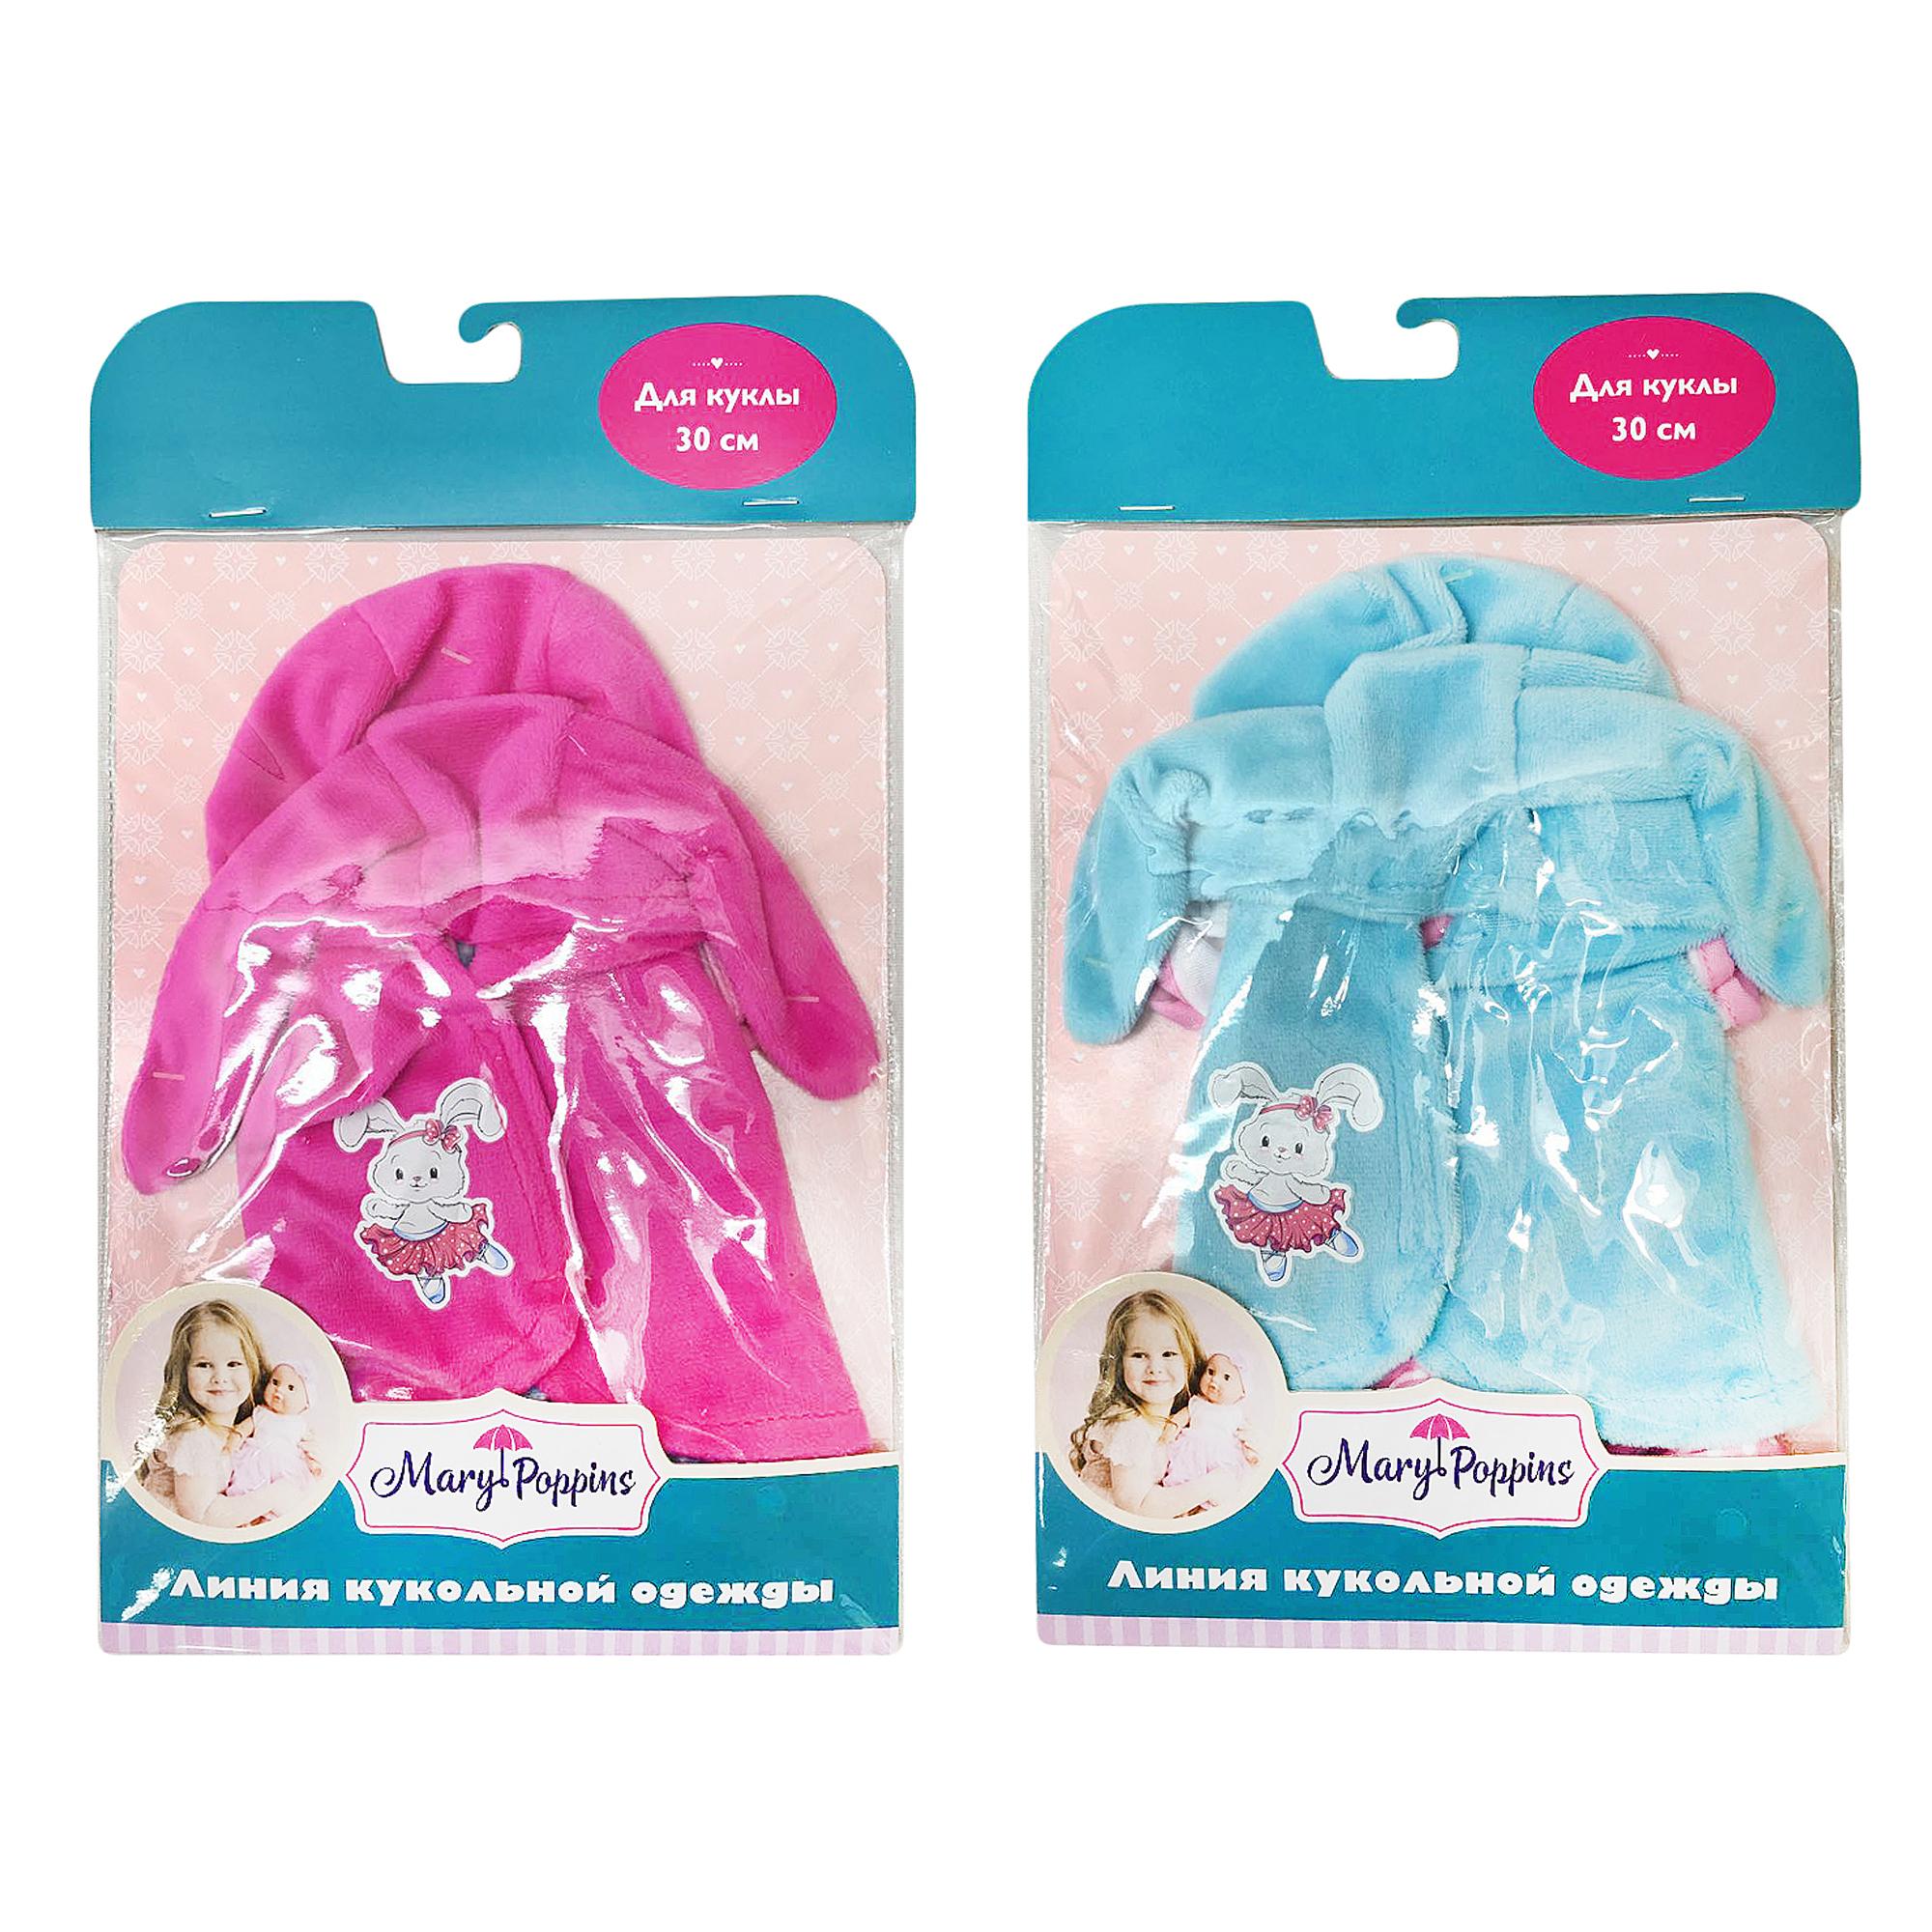 Одежда для кукол Mary Poppins Одежда для куклы Mary Poppins 30 см костюм в асс. брендовая одежда